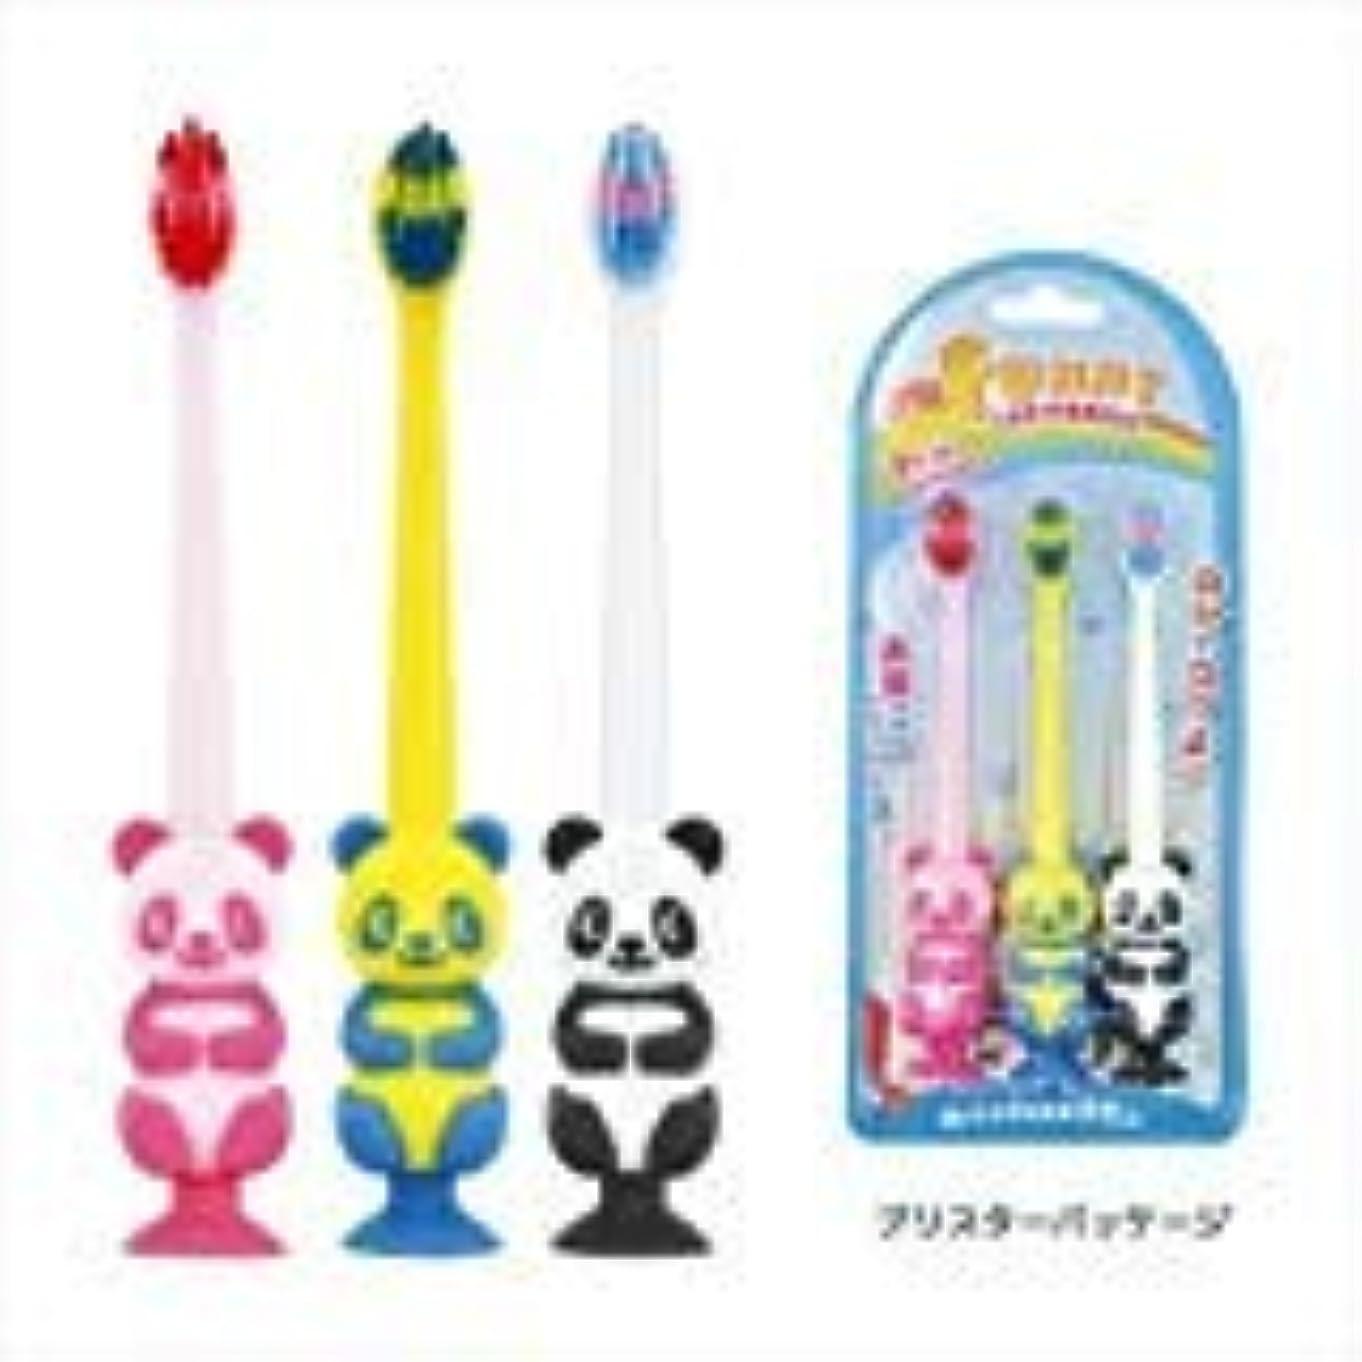 傾向静める私達ファニー歯ブラシ パンダ 3本セット